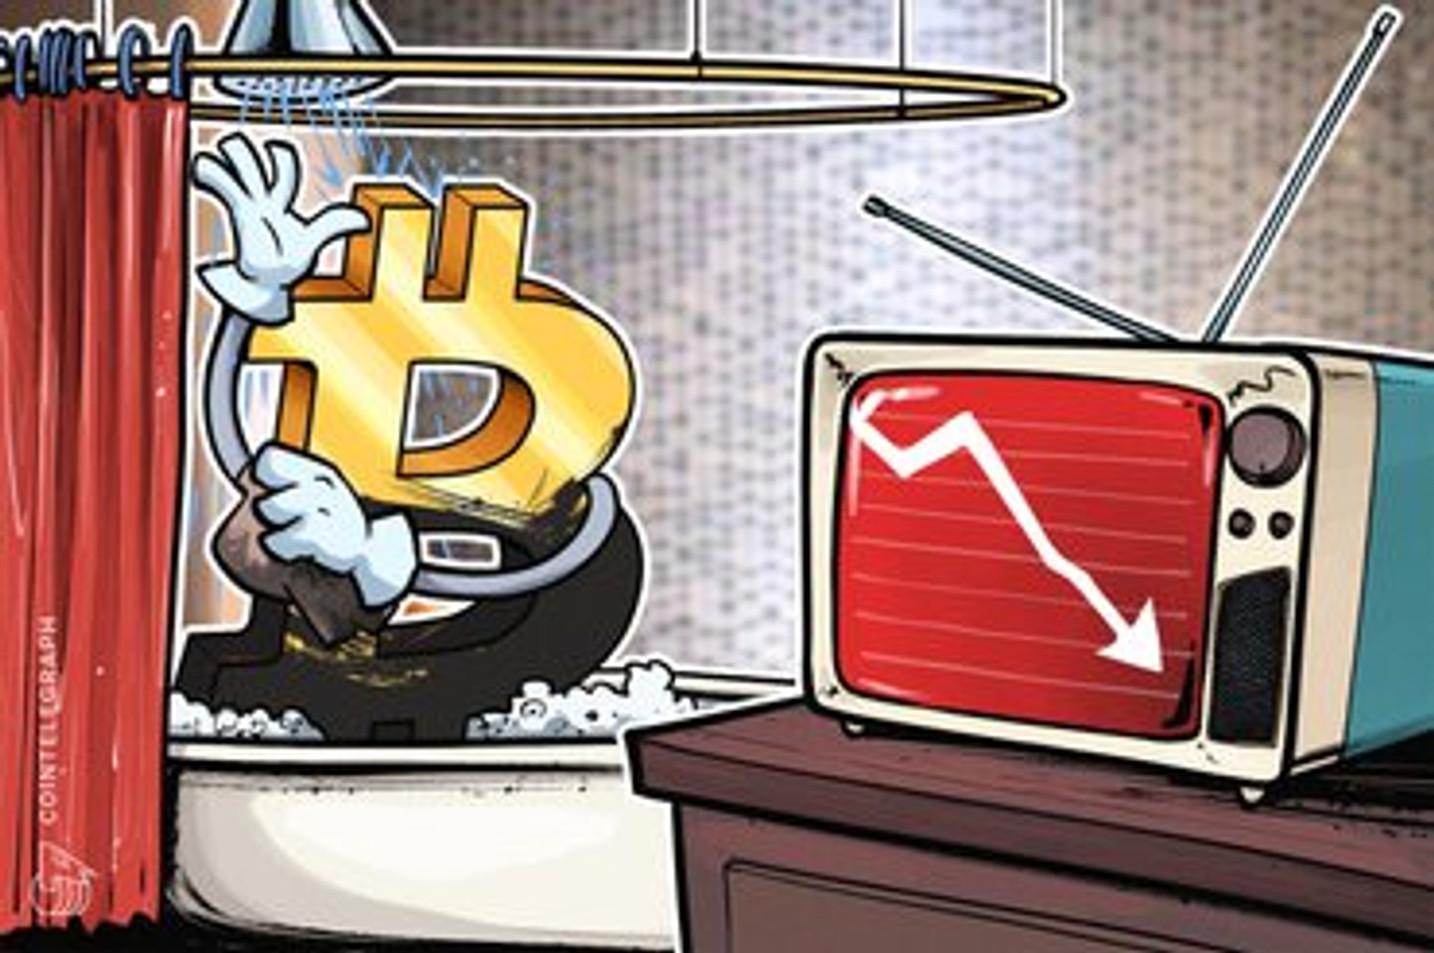 仮想通貨ビットコインにテクニカル分析家が相次いで警告 「先週の安値下回る可能性も」